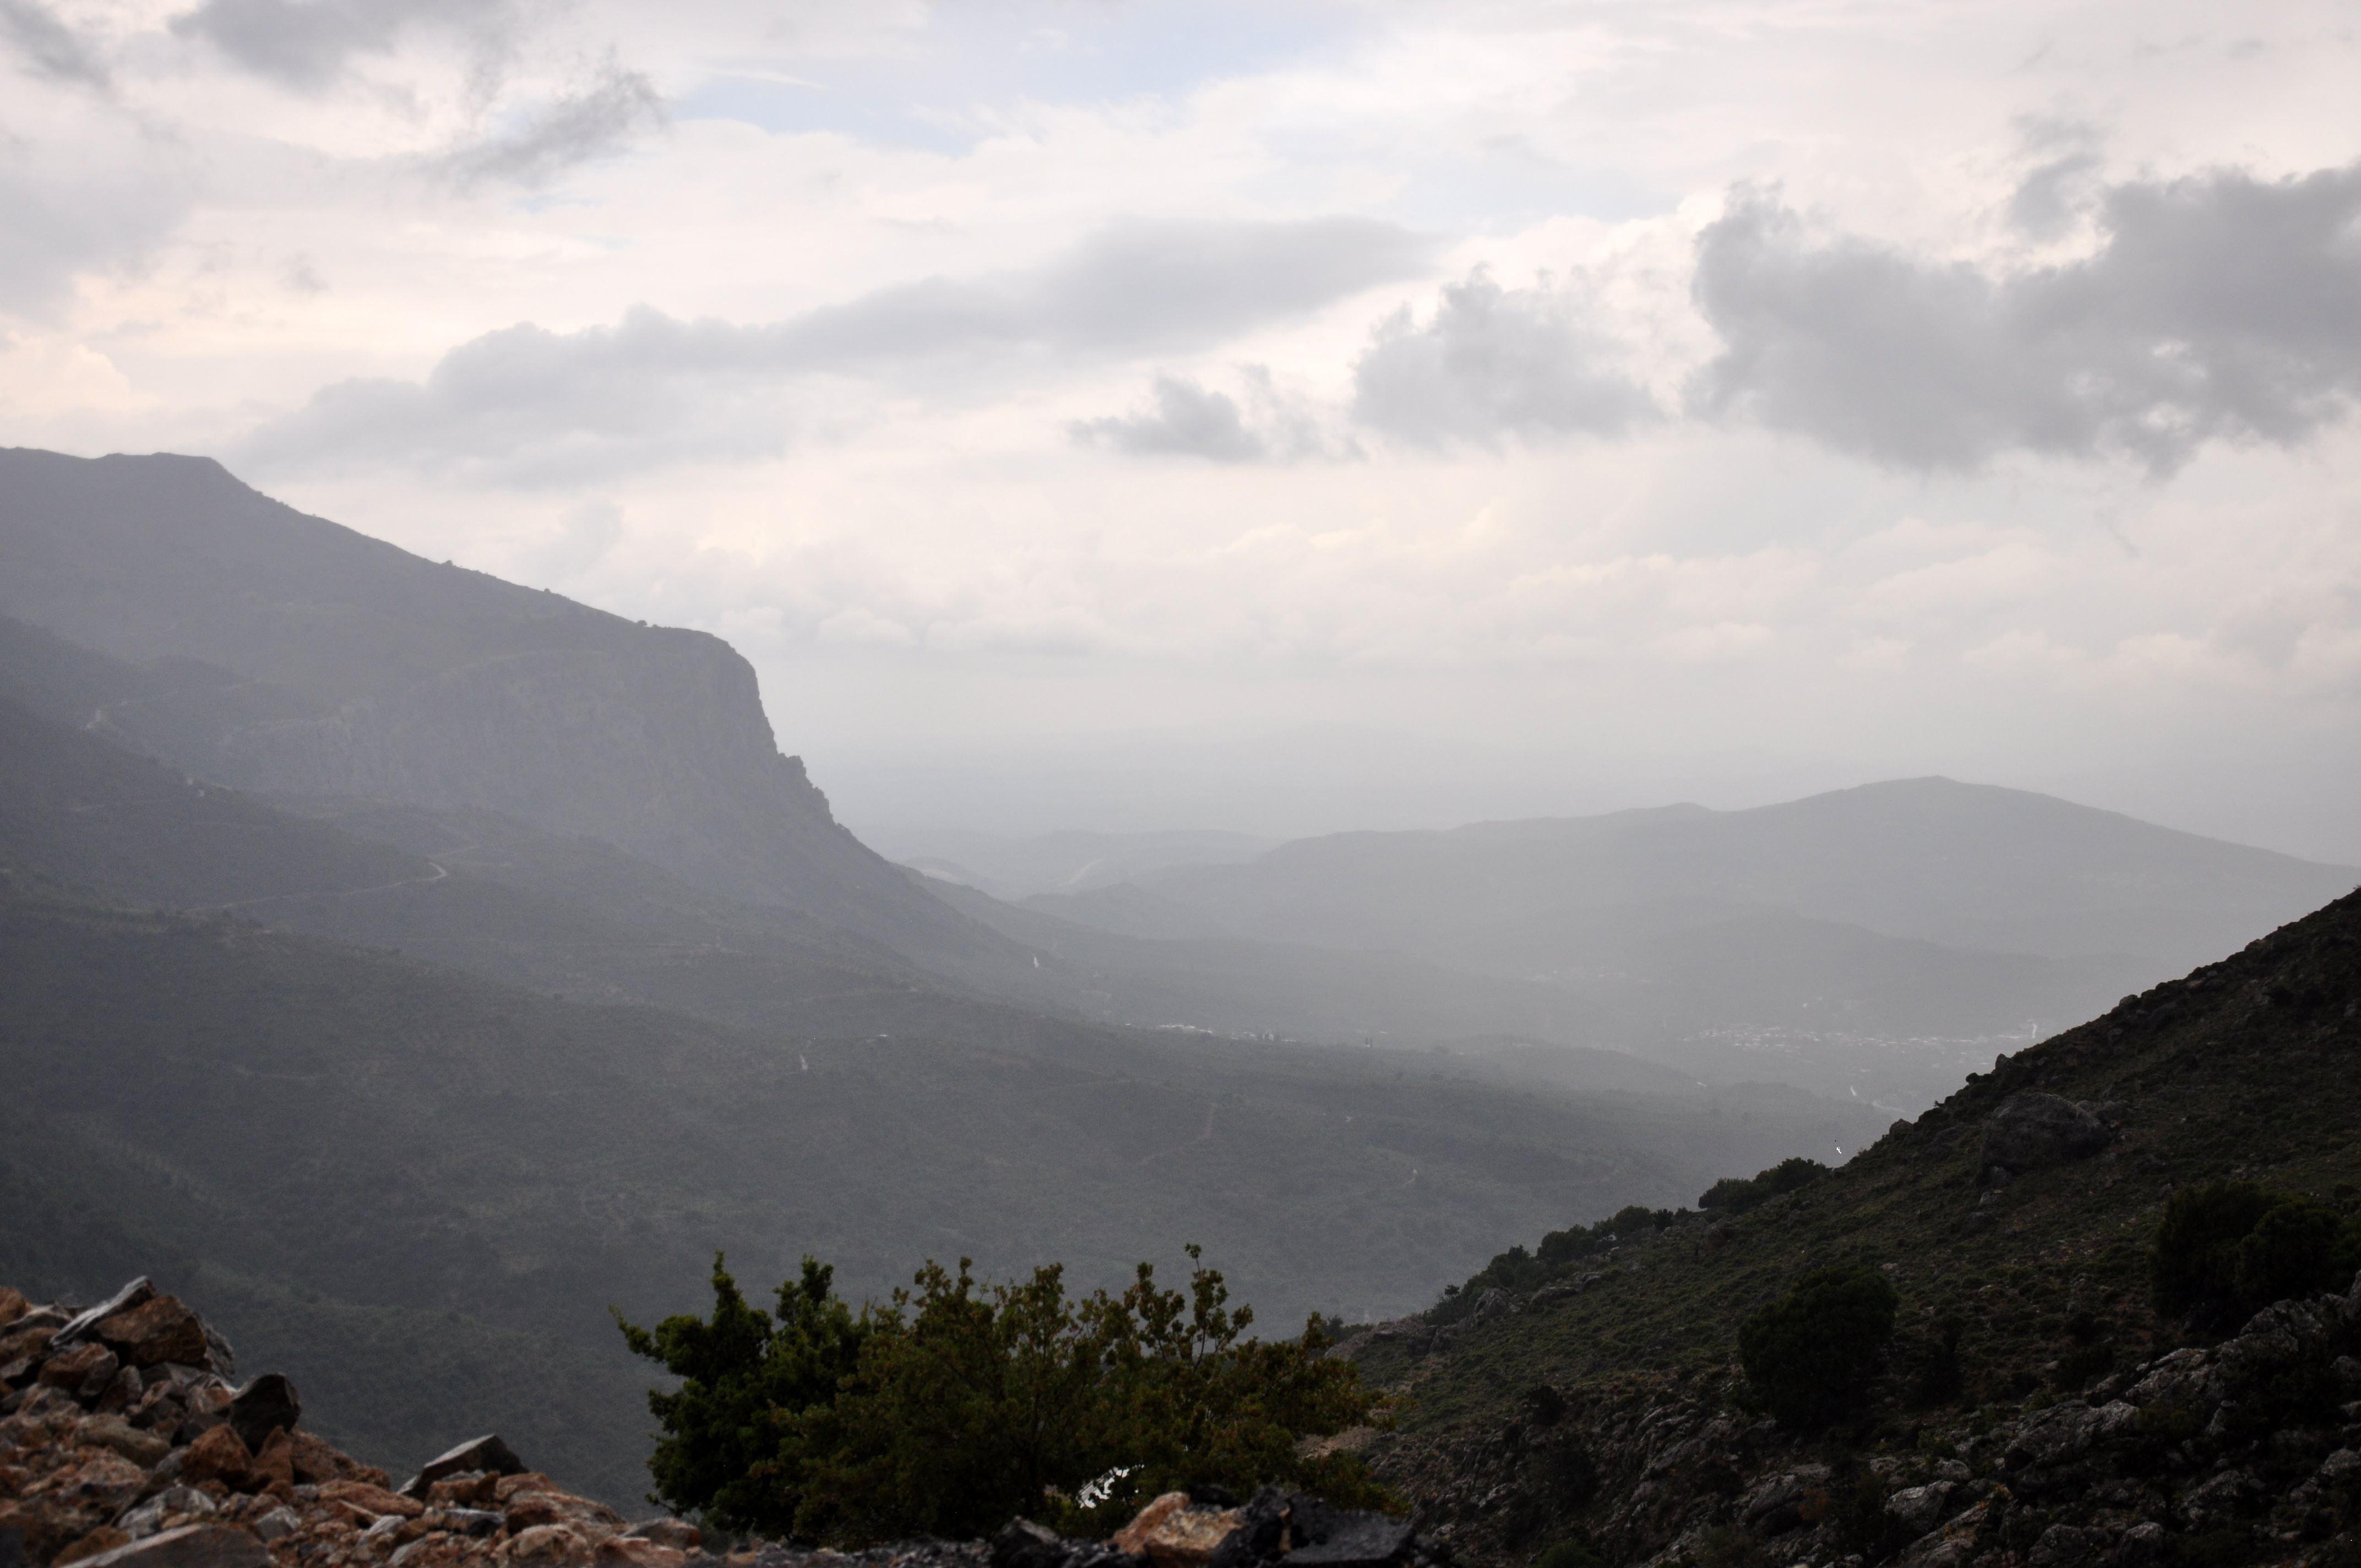 Offroad auf Kreta unterwegs   Land Rover Adventure Tour Greece 2015 sonne land und leute griechenland europa  tui berlin kreta berge ausblick